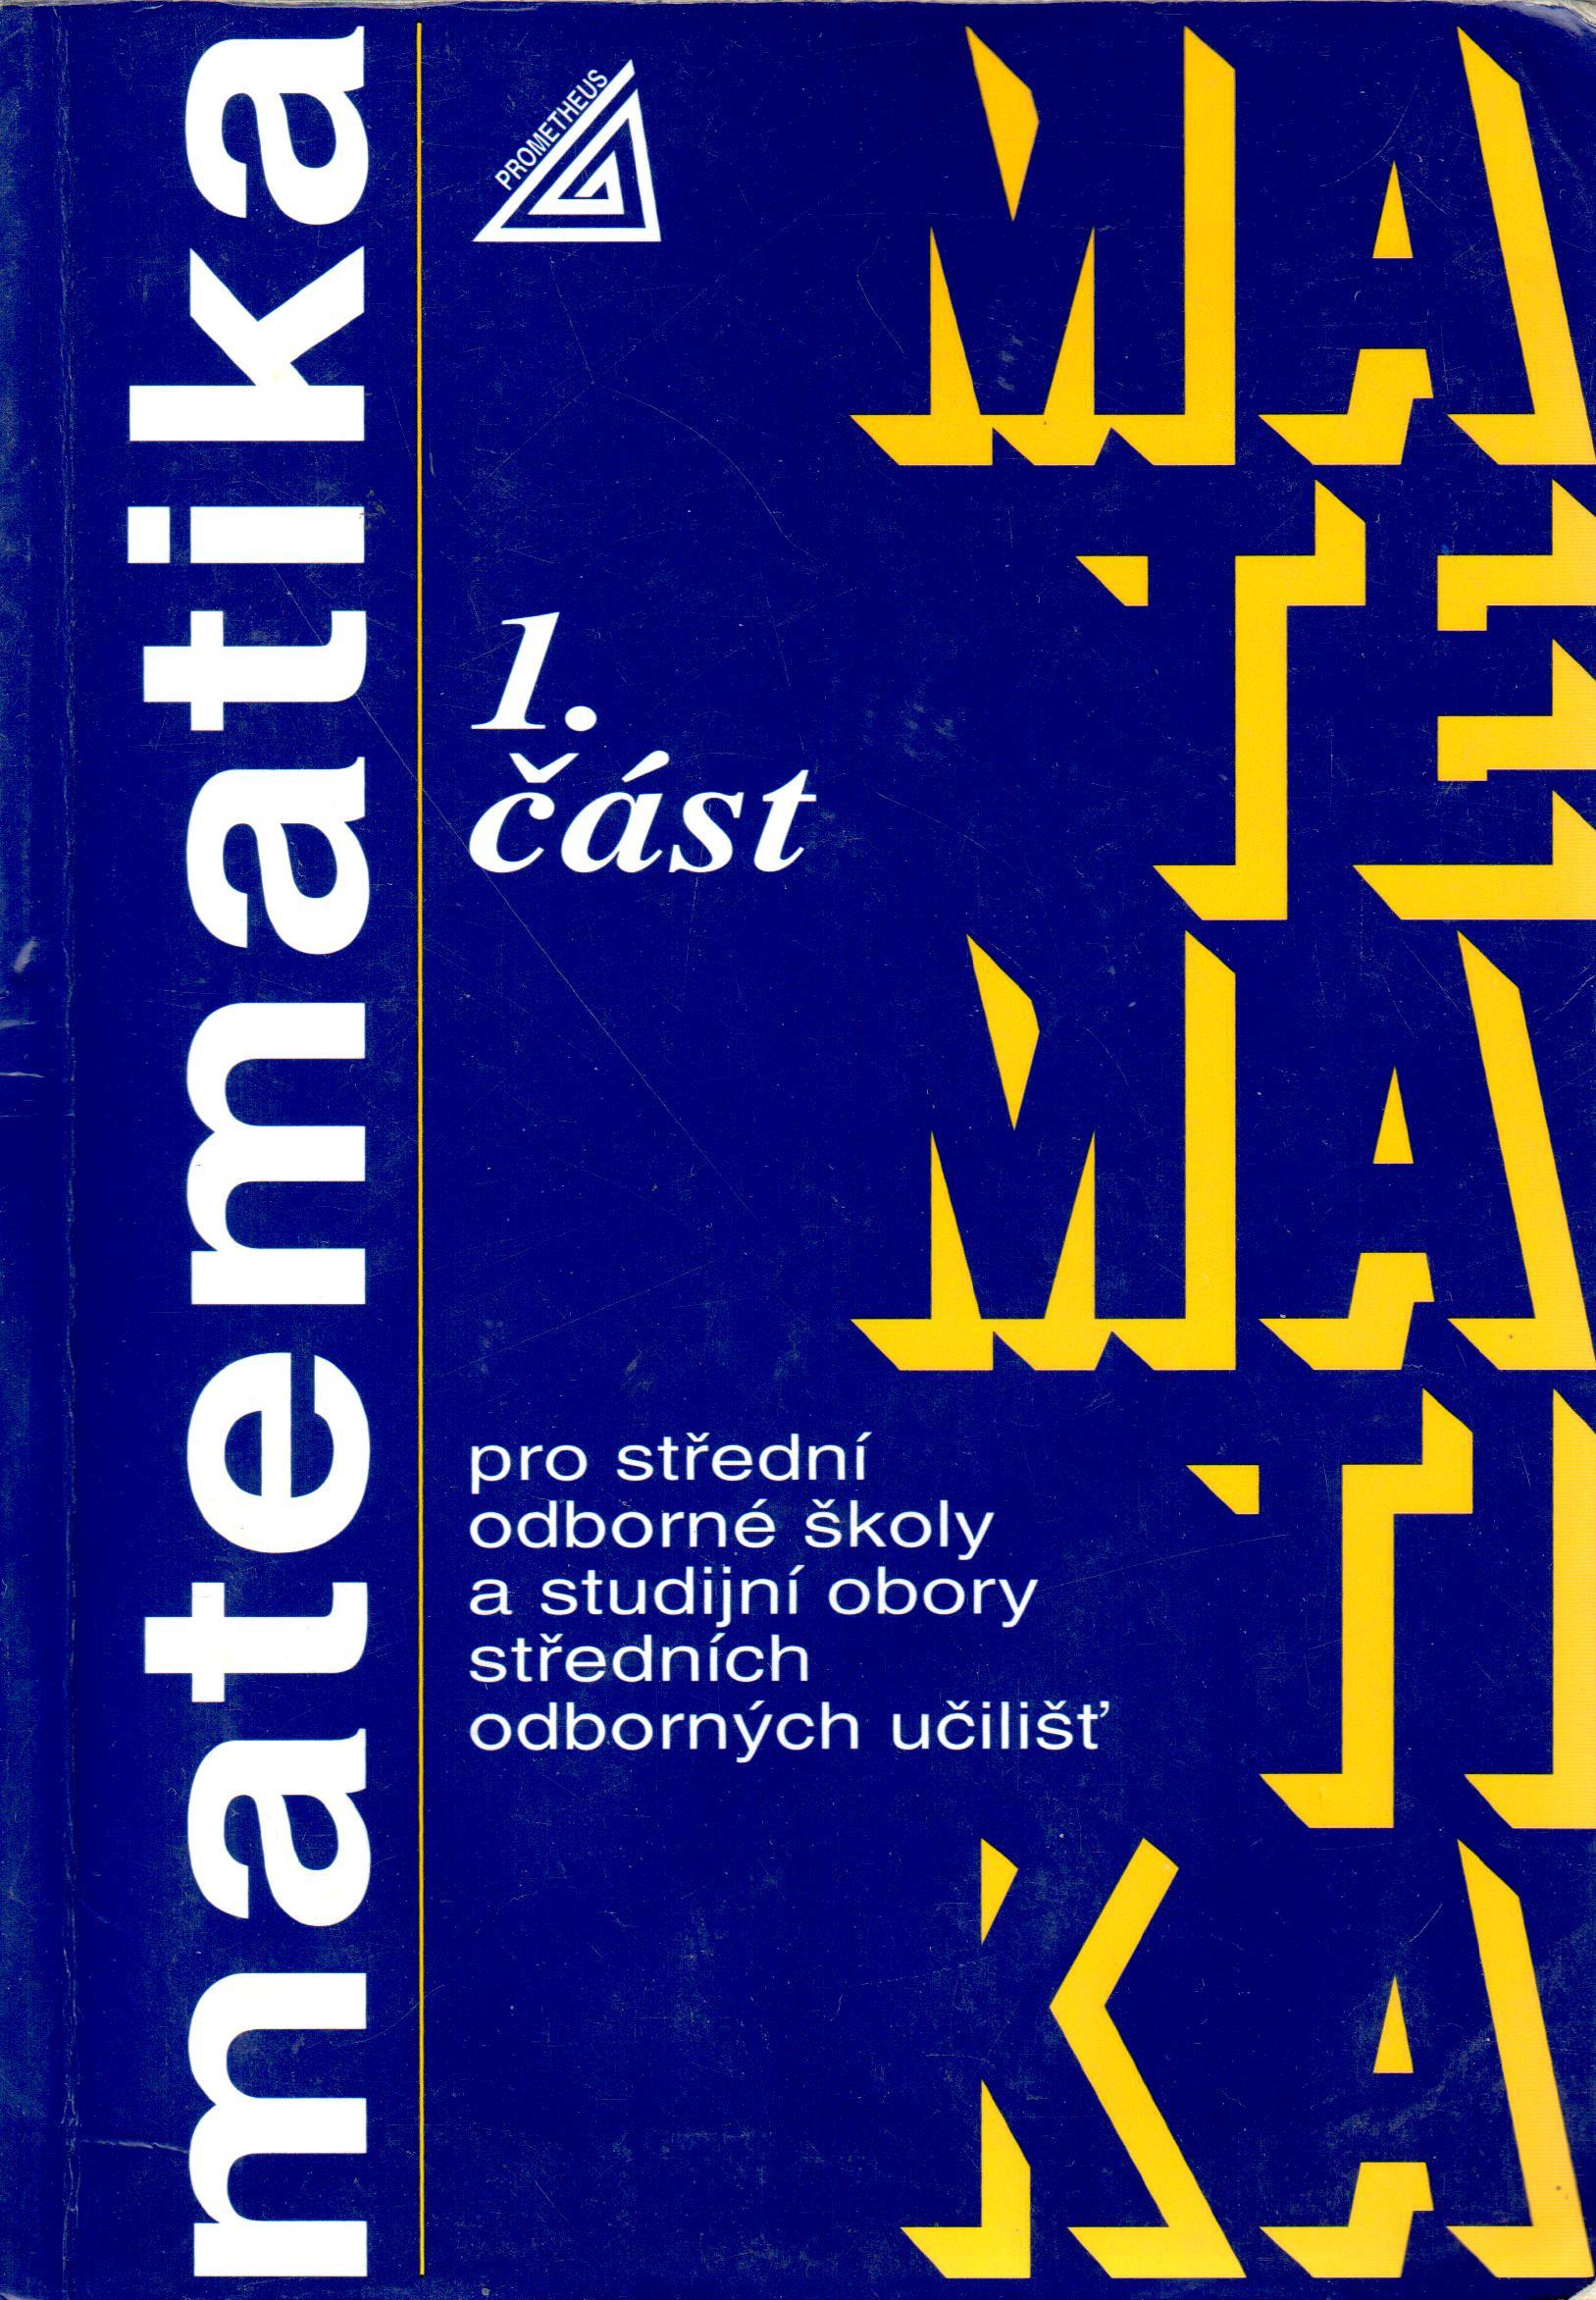 Matematika pro SOŠ a studijní obory SOU (1. část) - Náhled učebnice